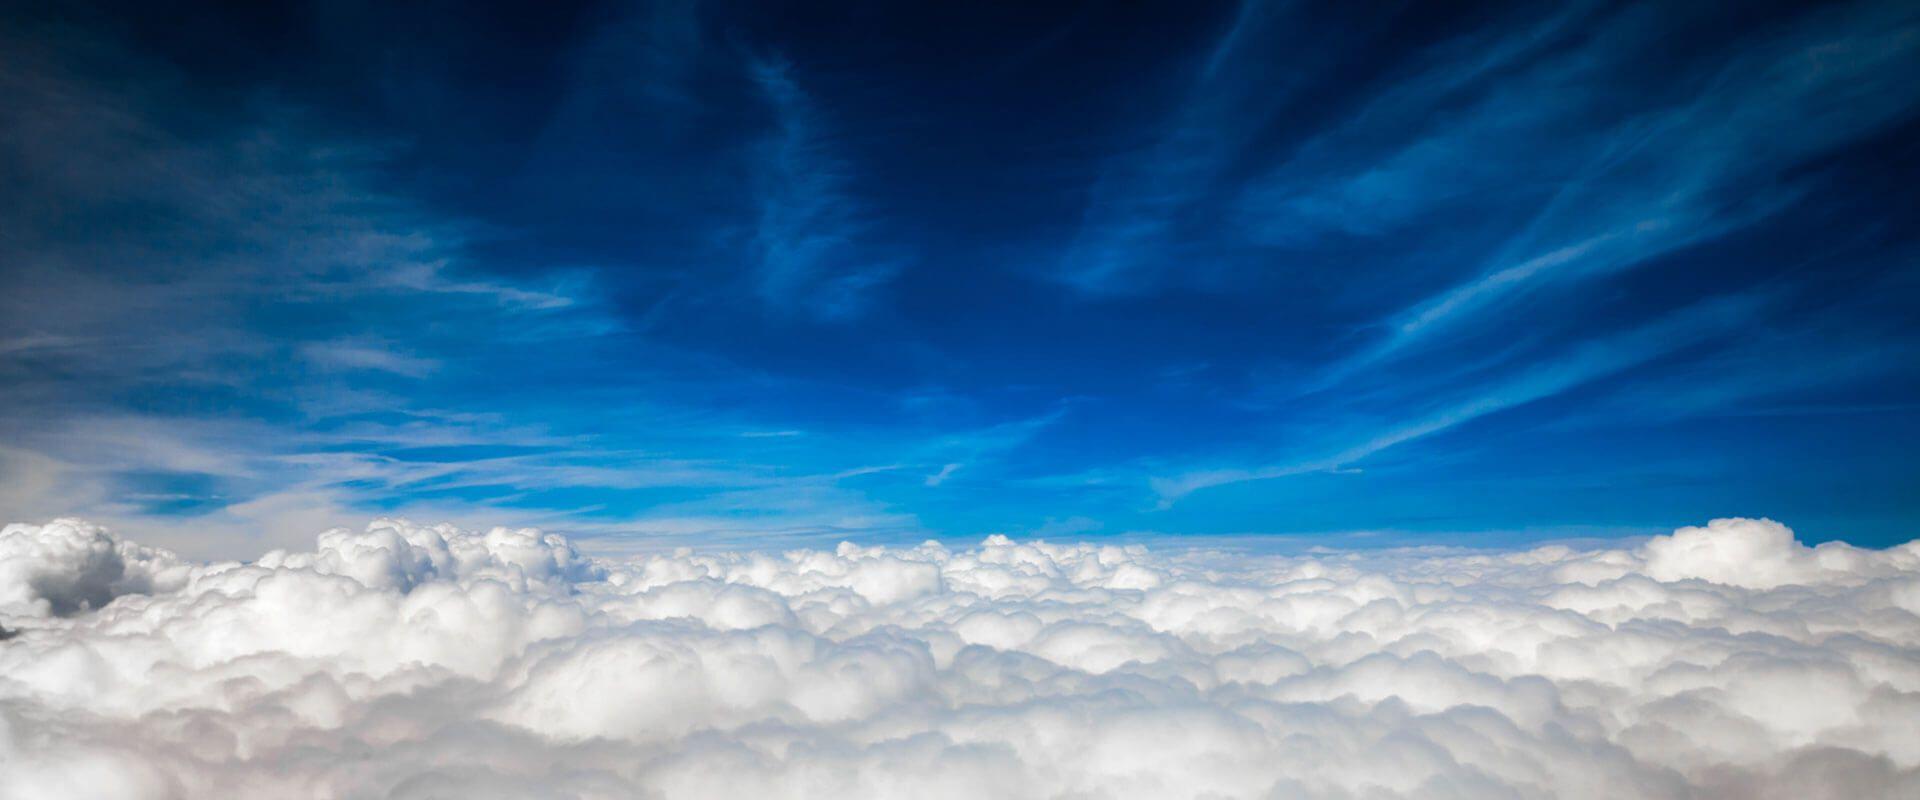 showcase_clouds